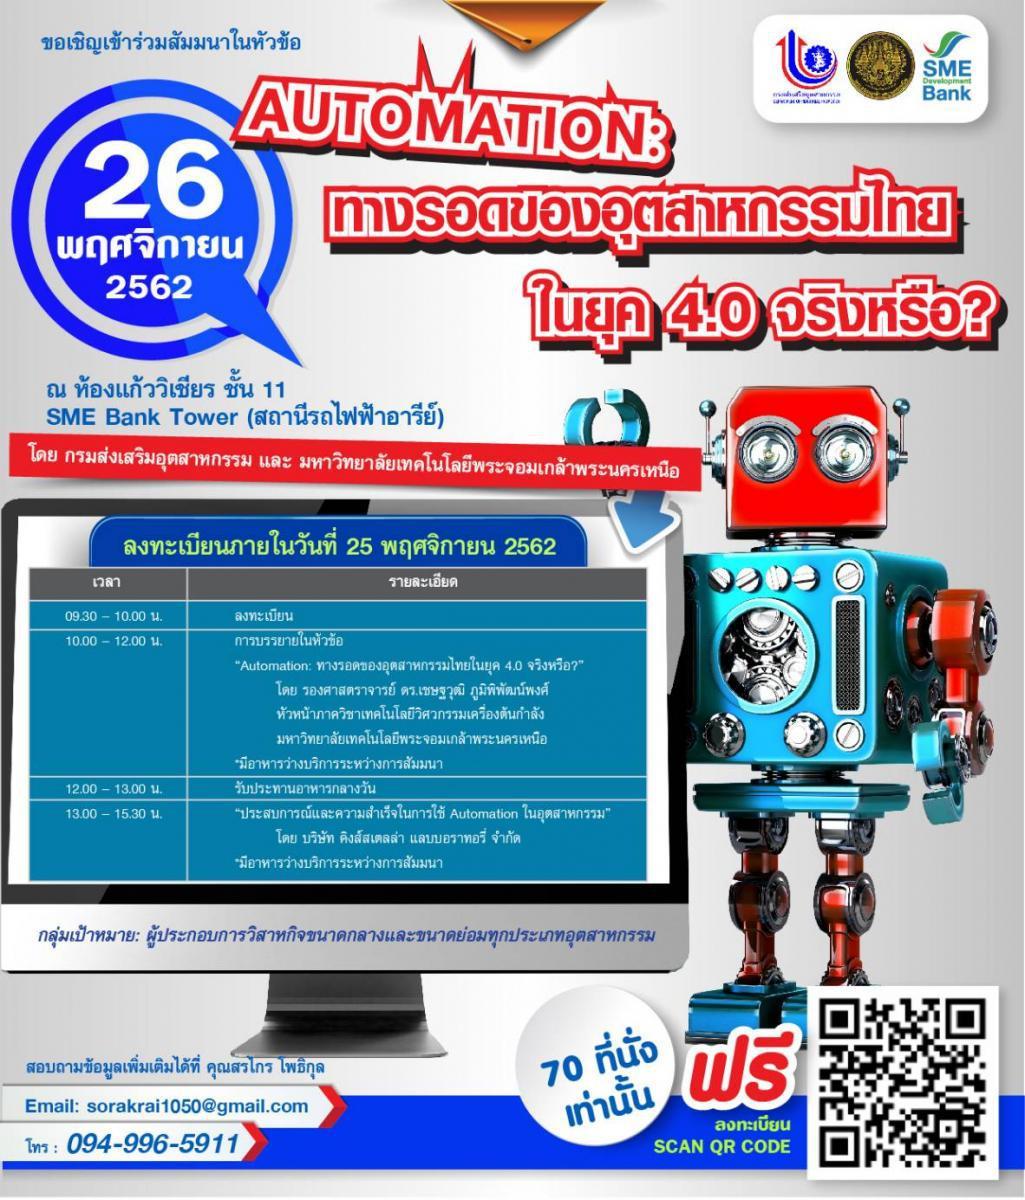 กสอ.-มจพ. จัดงานชี้ทางรอดเครื่องจักรอัตโนมัติยุคไทยแลนด์ 4.0